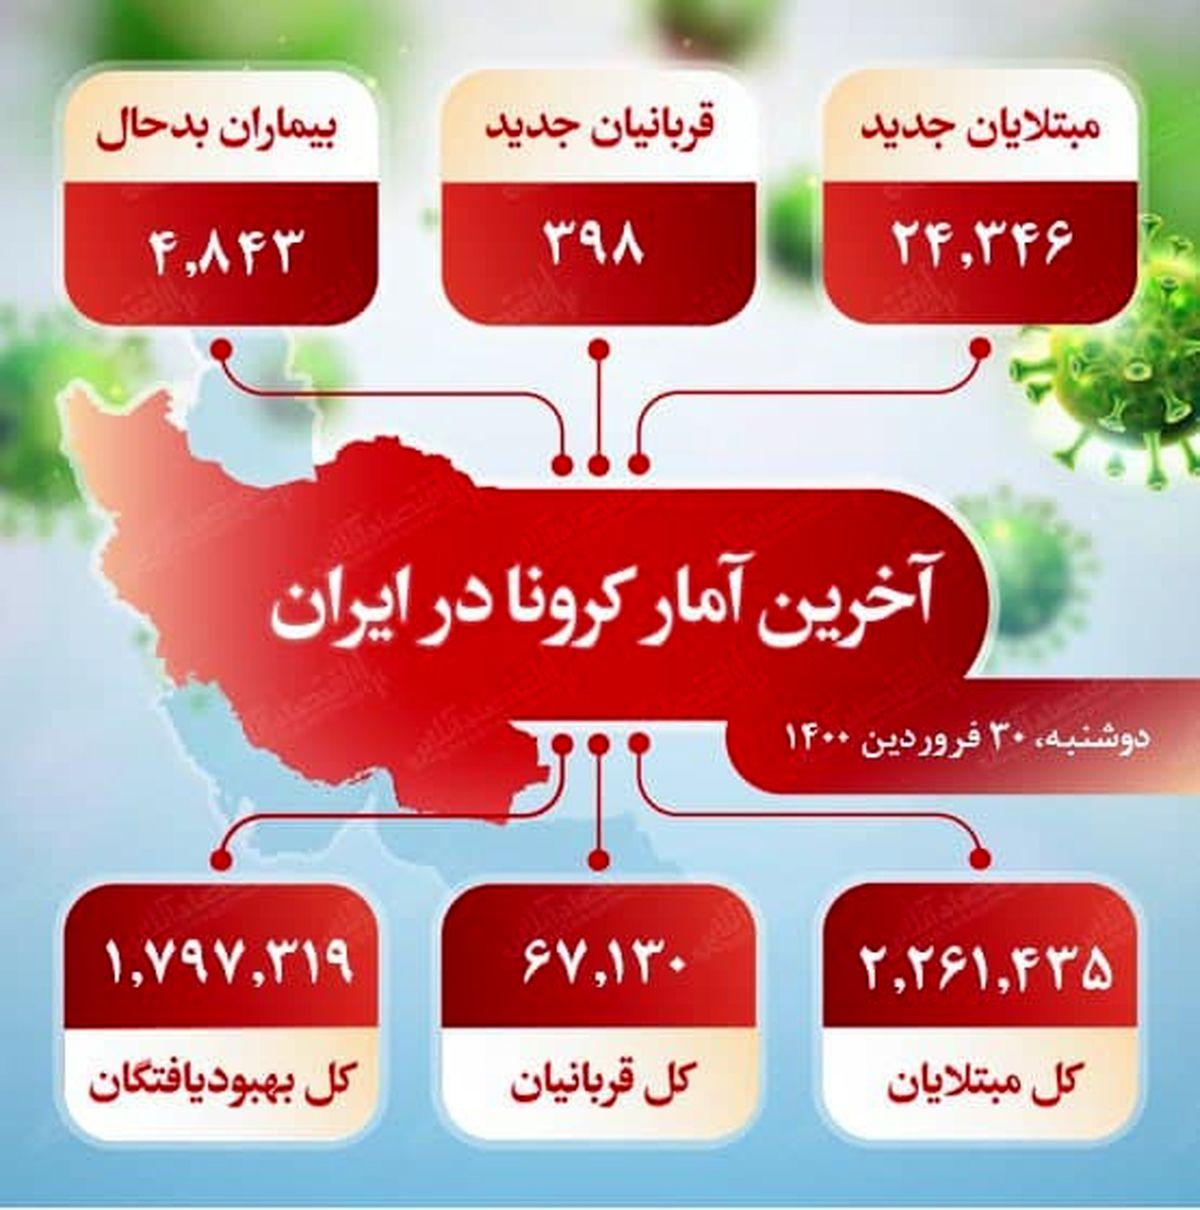 آخرین آمار کرونا در ایران (۱۴۰۰/۱/۳۰)